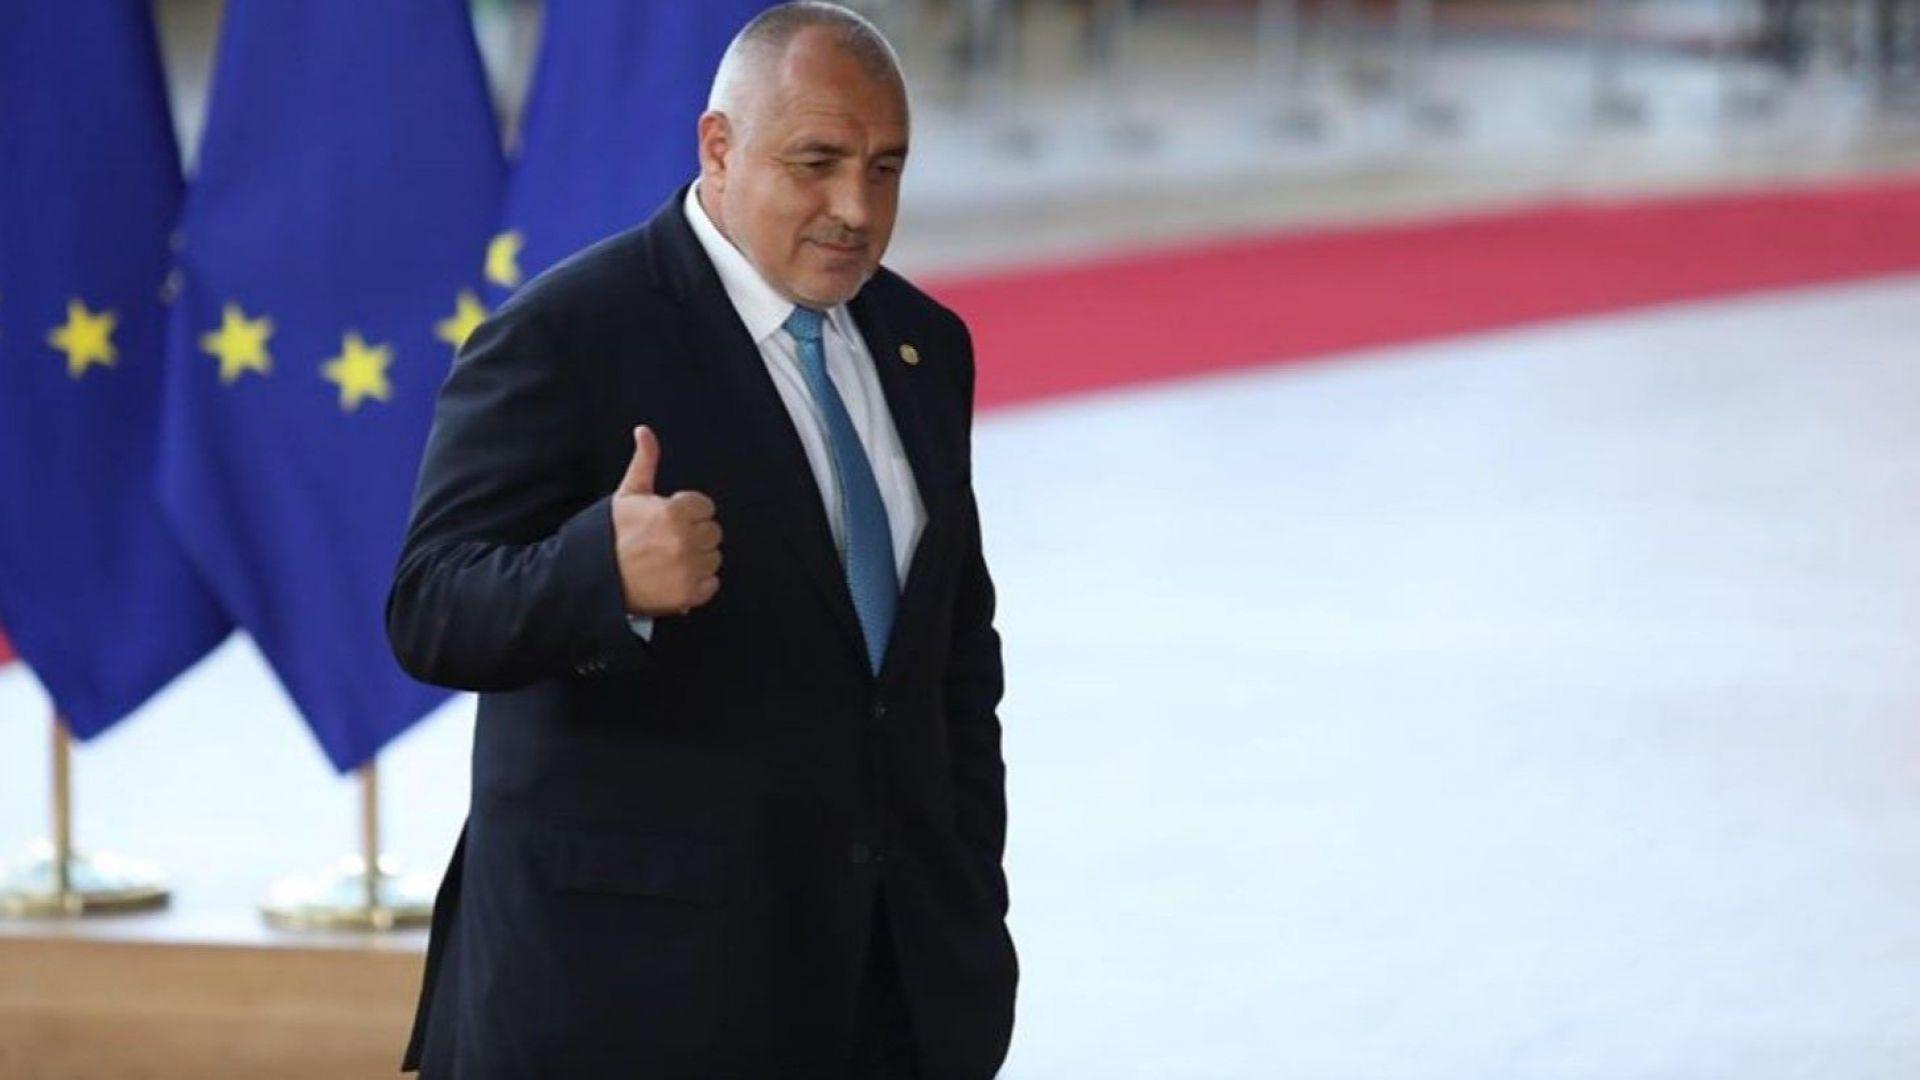 Борисов се похвали: България е на пето място по ръст на БВП в ЕС (графика)